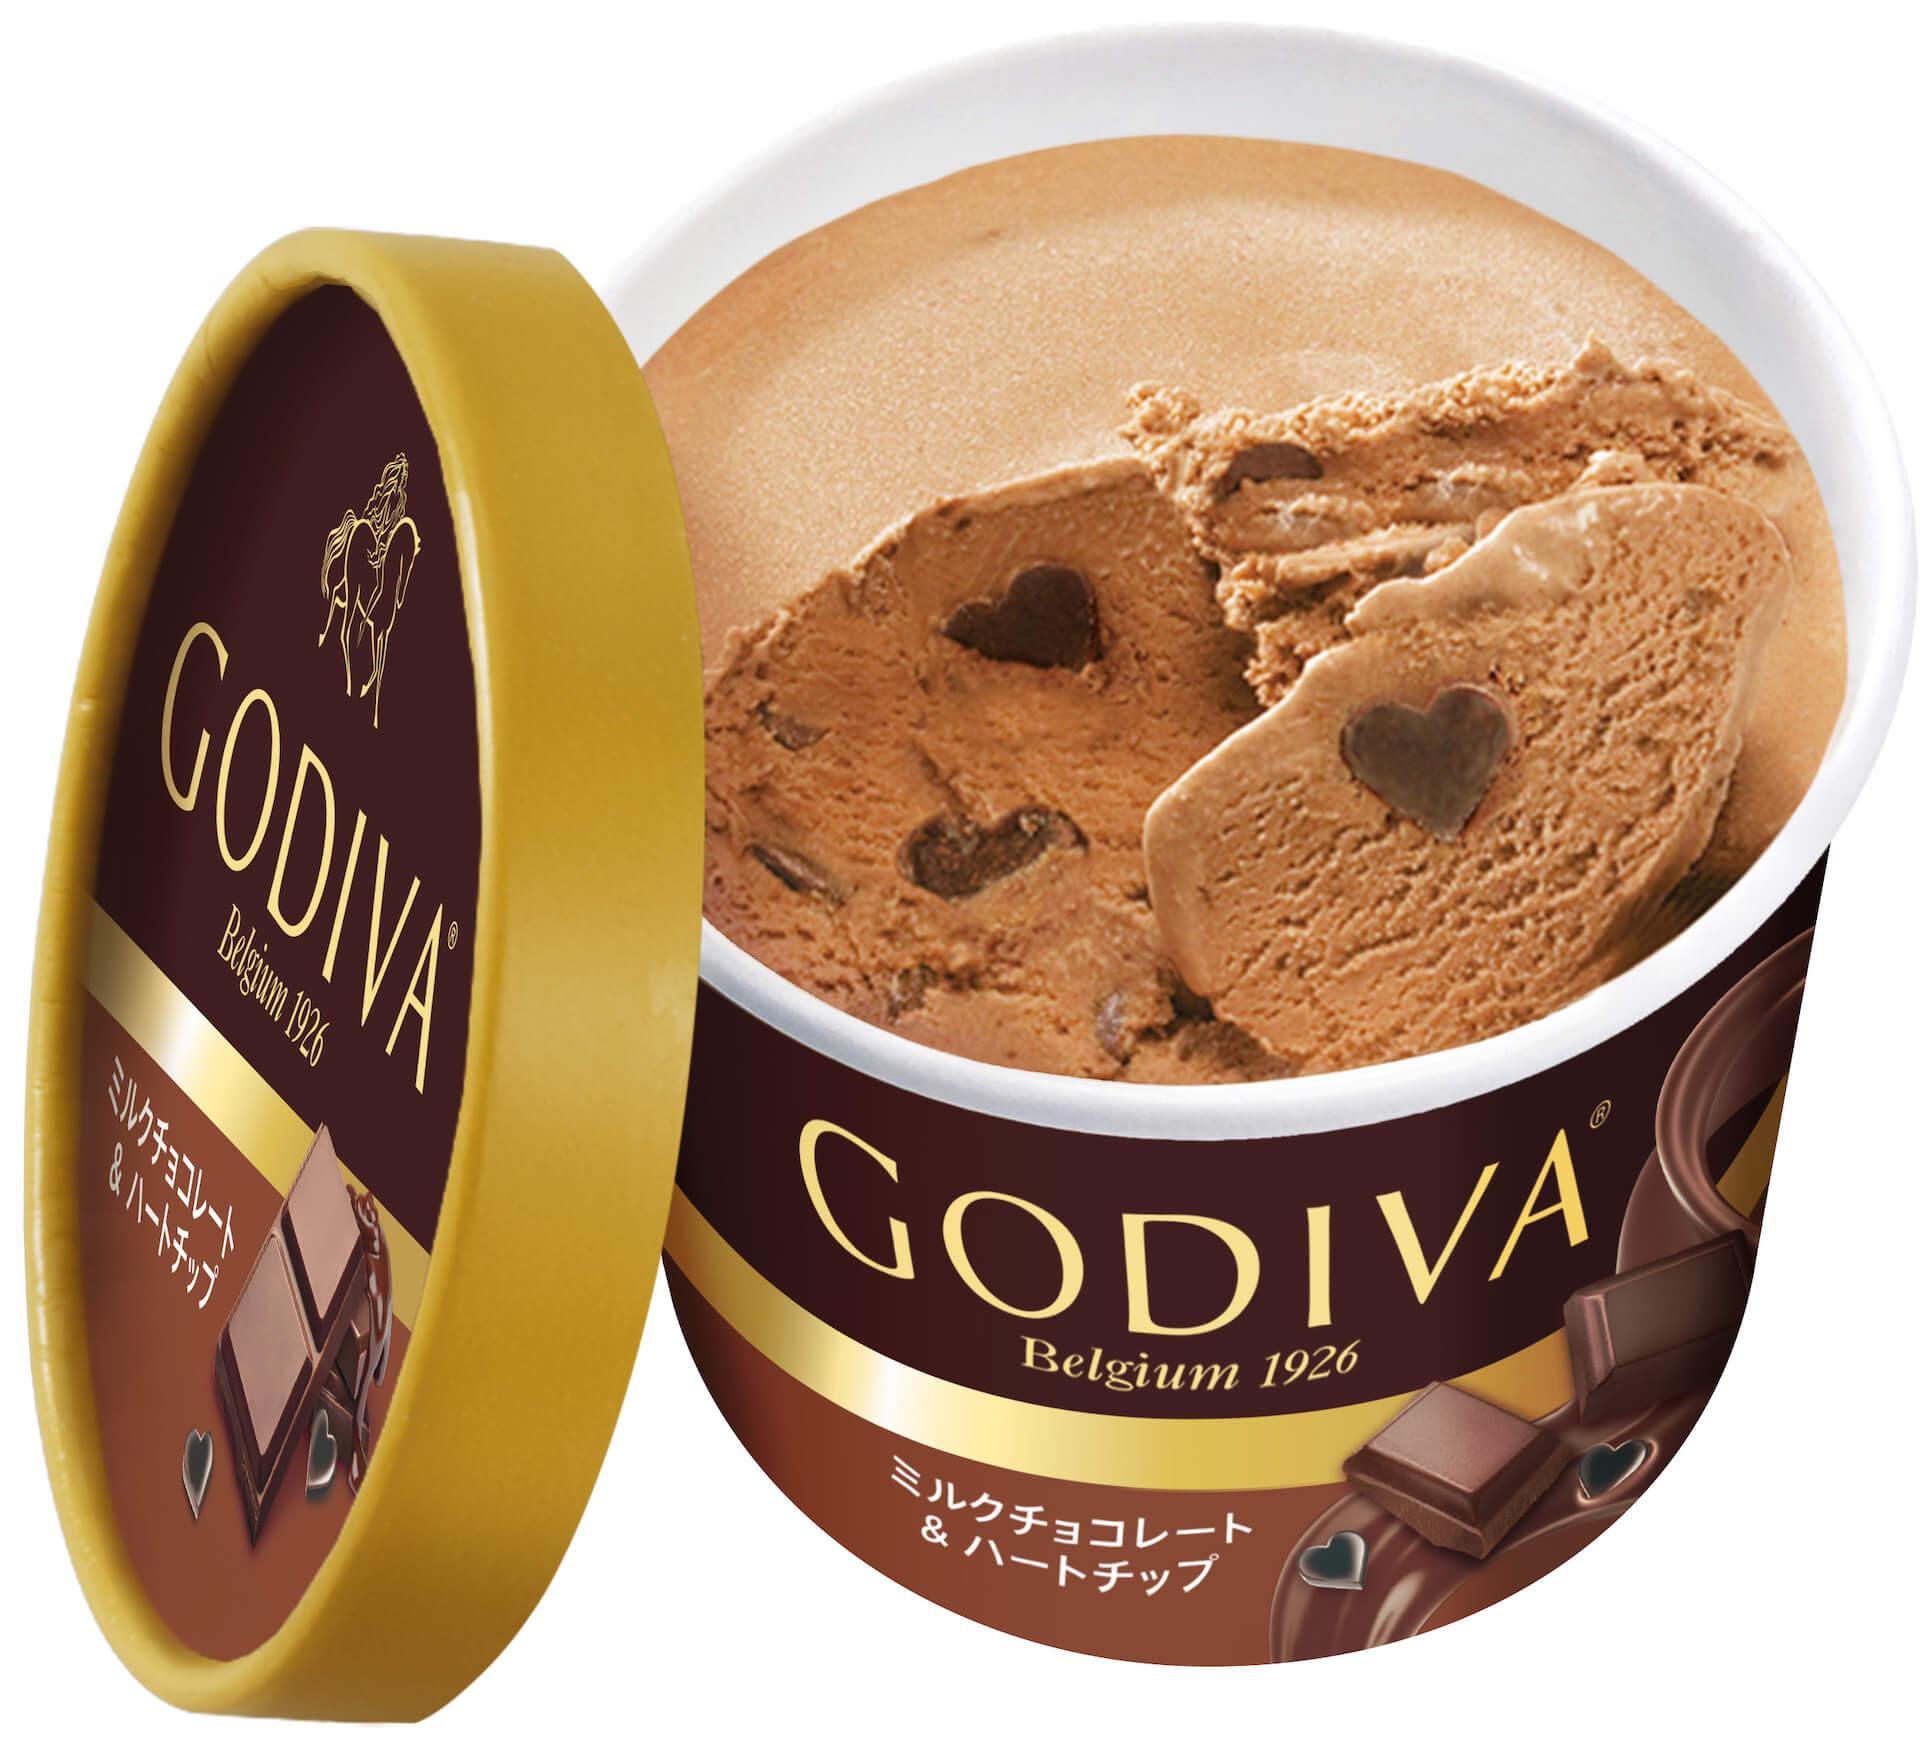 おうちで気軽にゴディバのチョコレートが楽しめる!ゴディバ『カップアイス』から新たなフレーバー5種類が登場 gourmet20201019_godiva_2